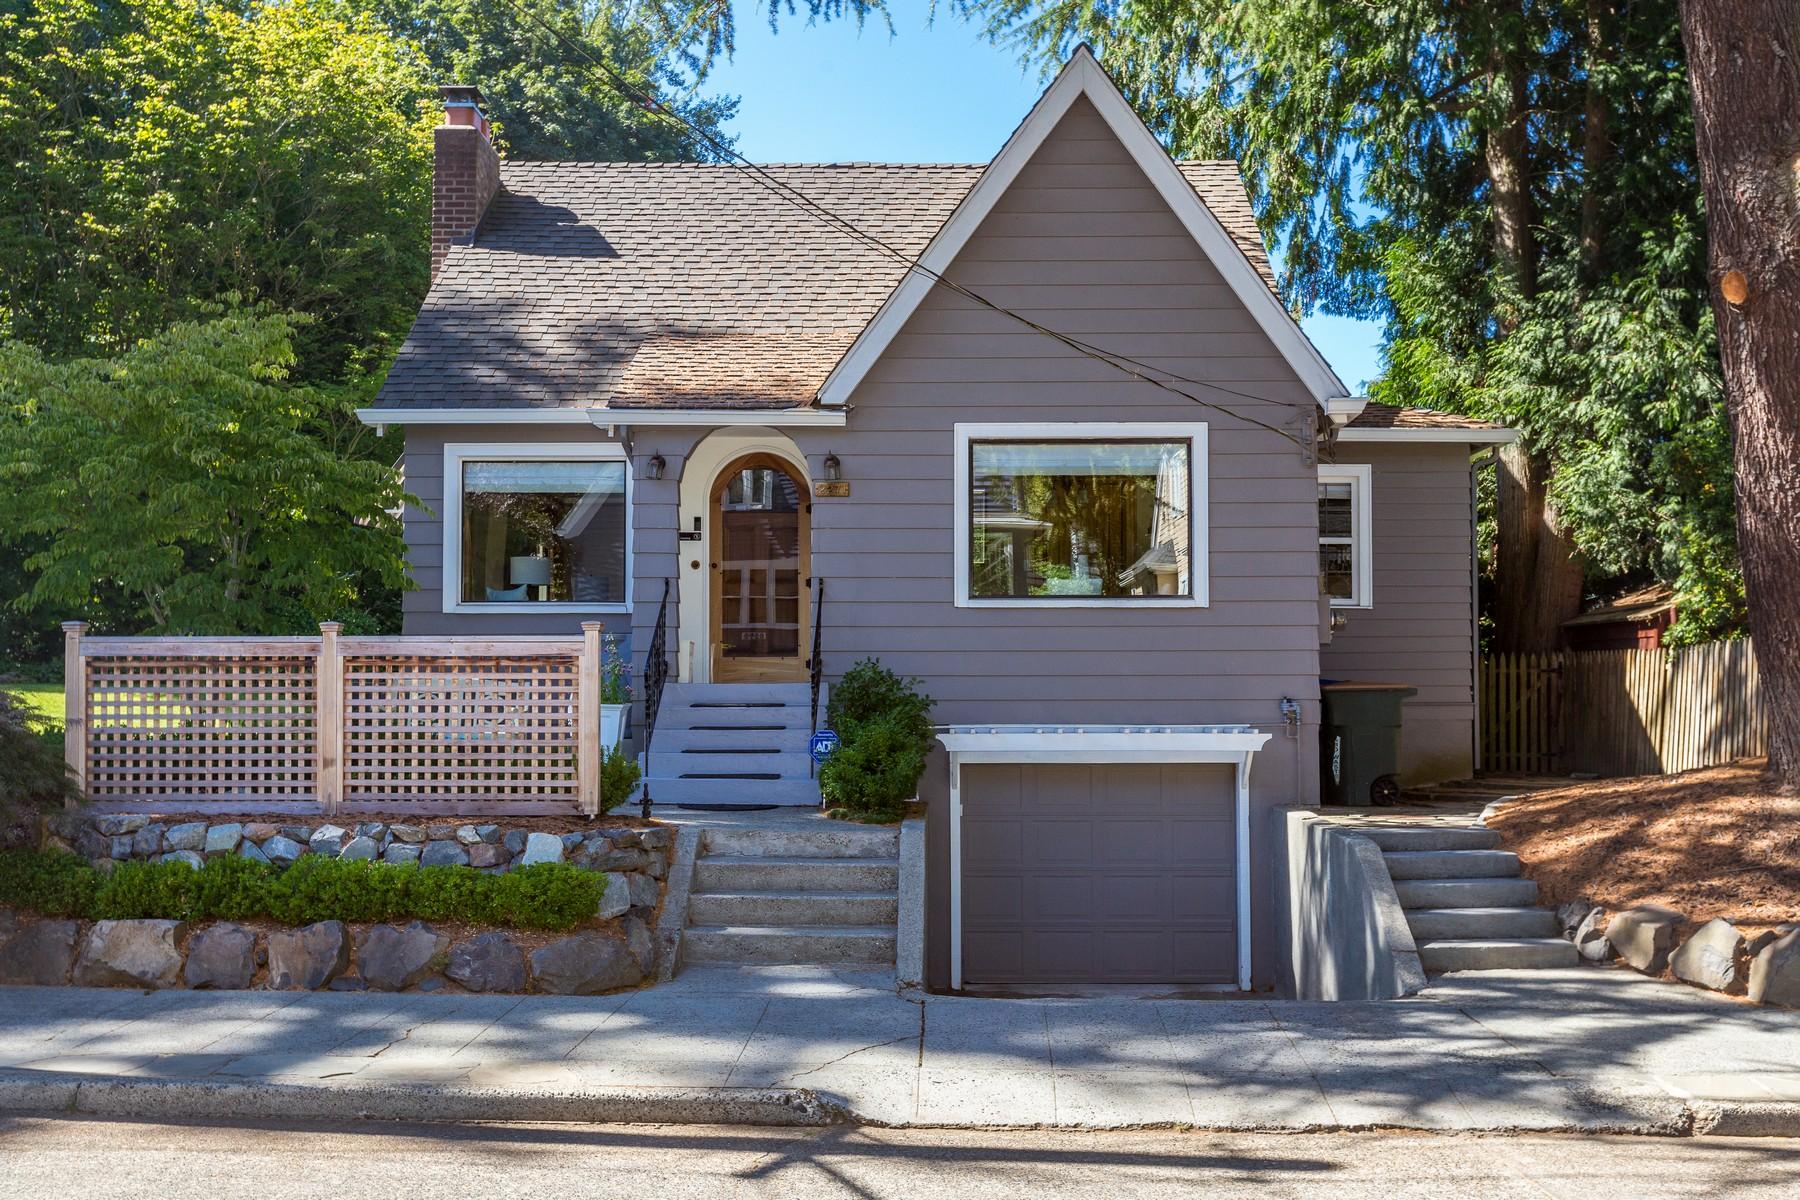 Einfamilienhaus für Verkauf beim Classic Montlake Tudor 2271 E Howe St Seattle, Washington 98112 Vereinigte Staaten